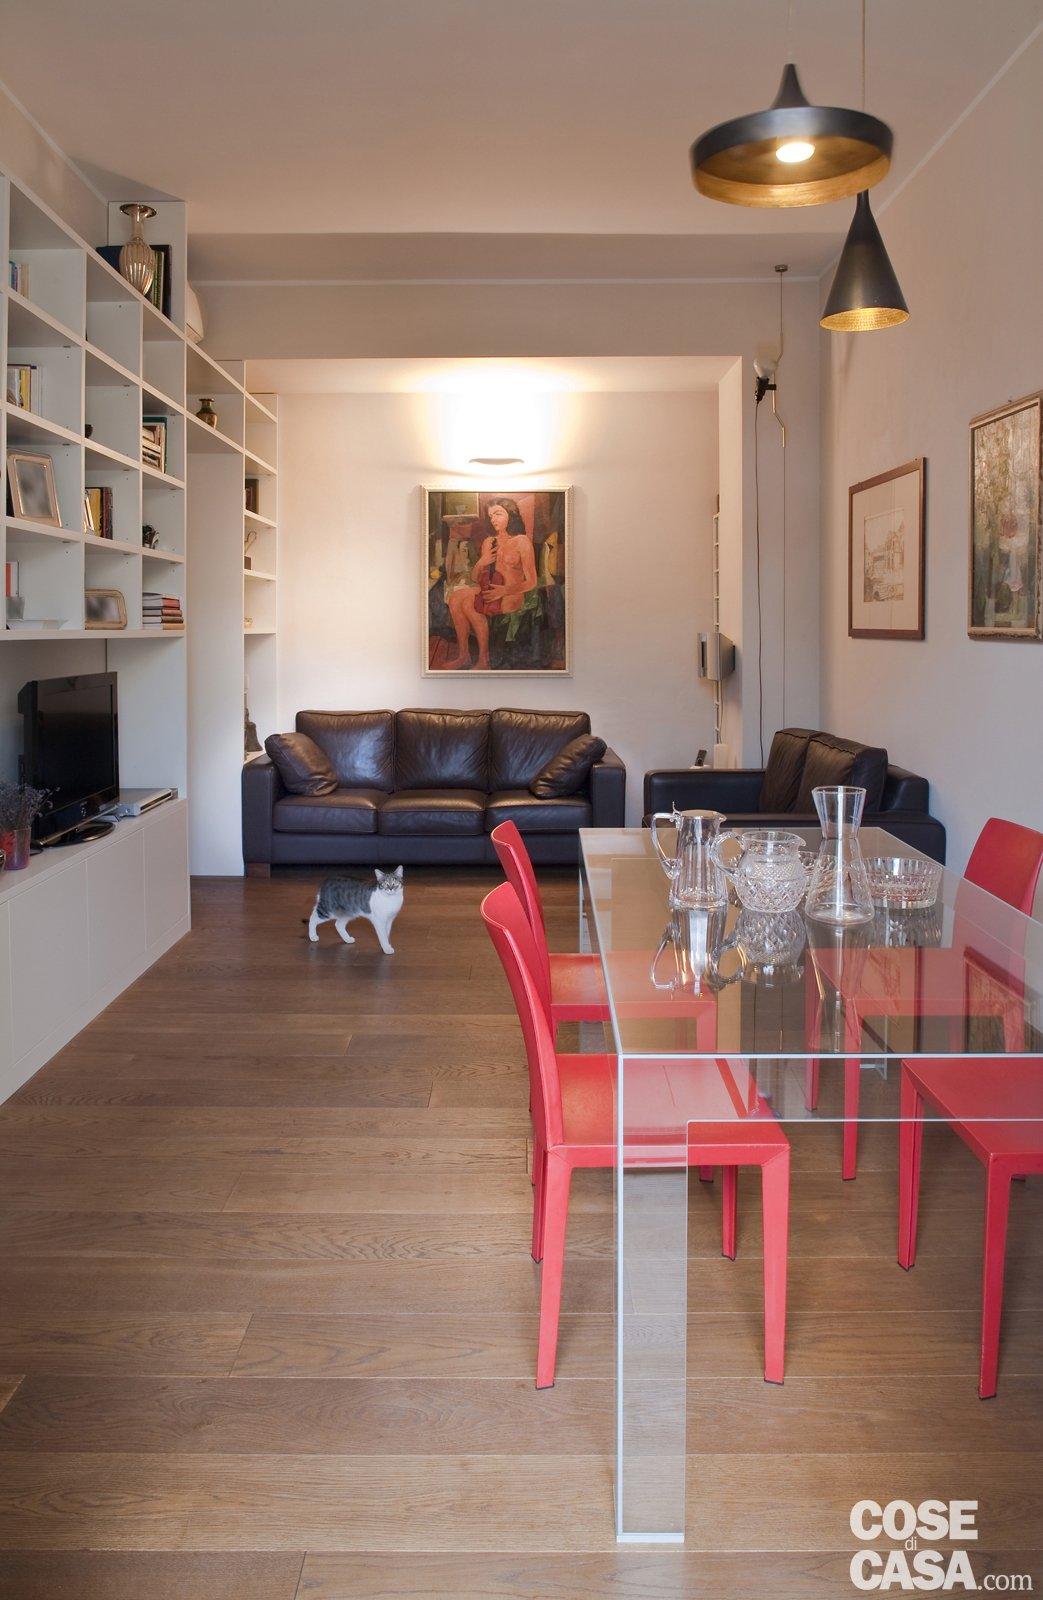 Una casa di 80 mq superfunzionali cose di casa - Progetto casa 80 mq ...